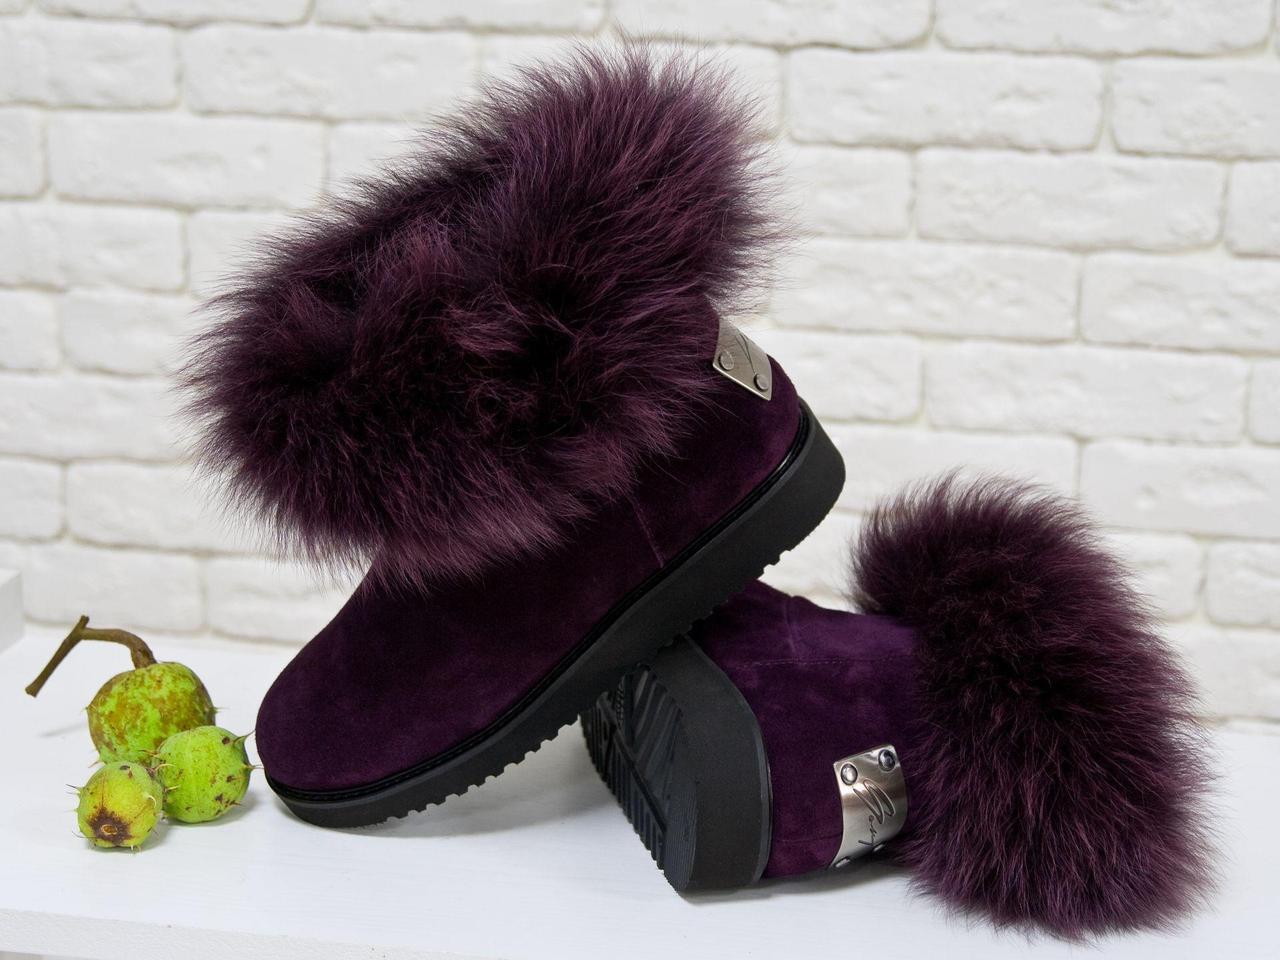 Женские ботиночки в стиле UGG из натуральной замши бордового цвета и натурального шикарного меха песца осень-зима коллекция 2017-2018, Б-17113